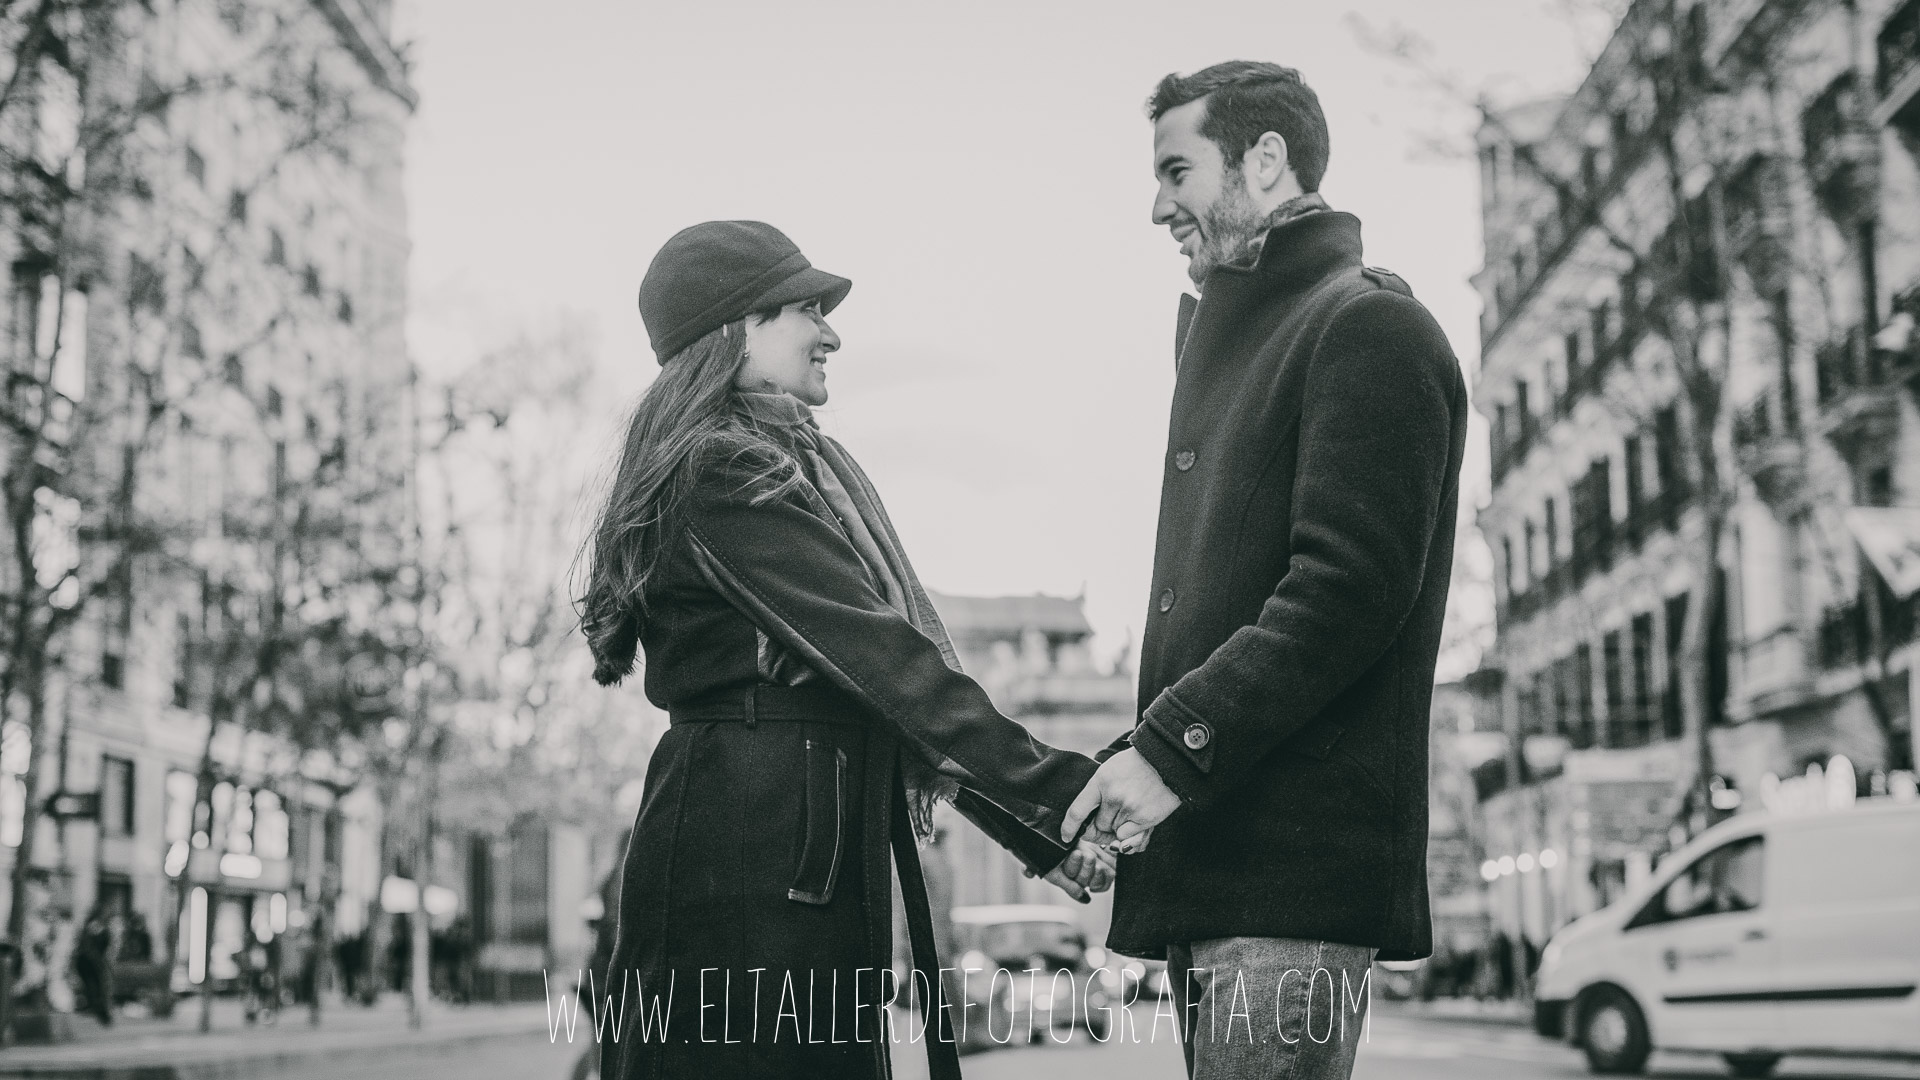 Fotos de pareja en el parque de El Retiro de Madrid y alrededores de la Puerta de Alcala